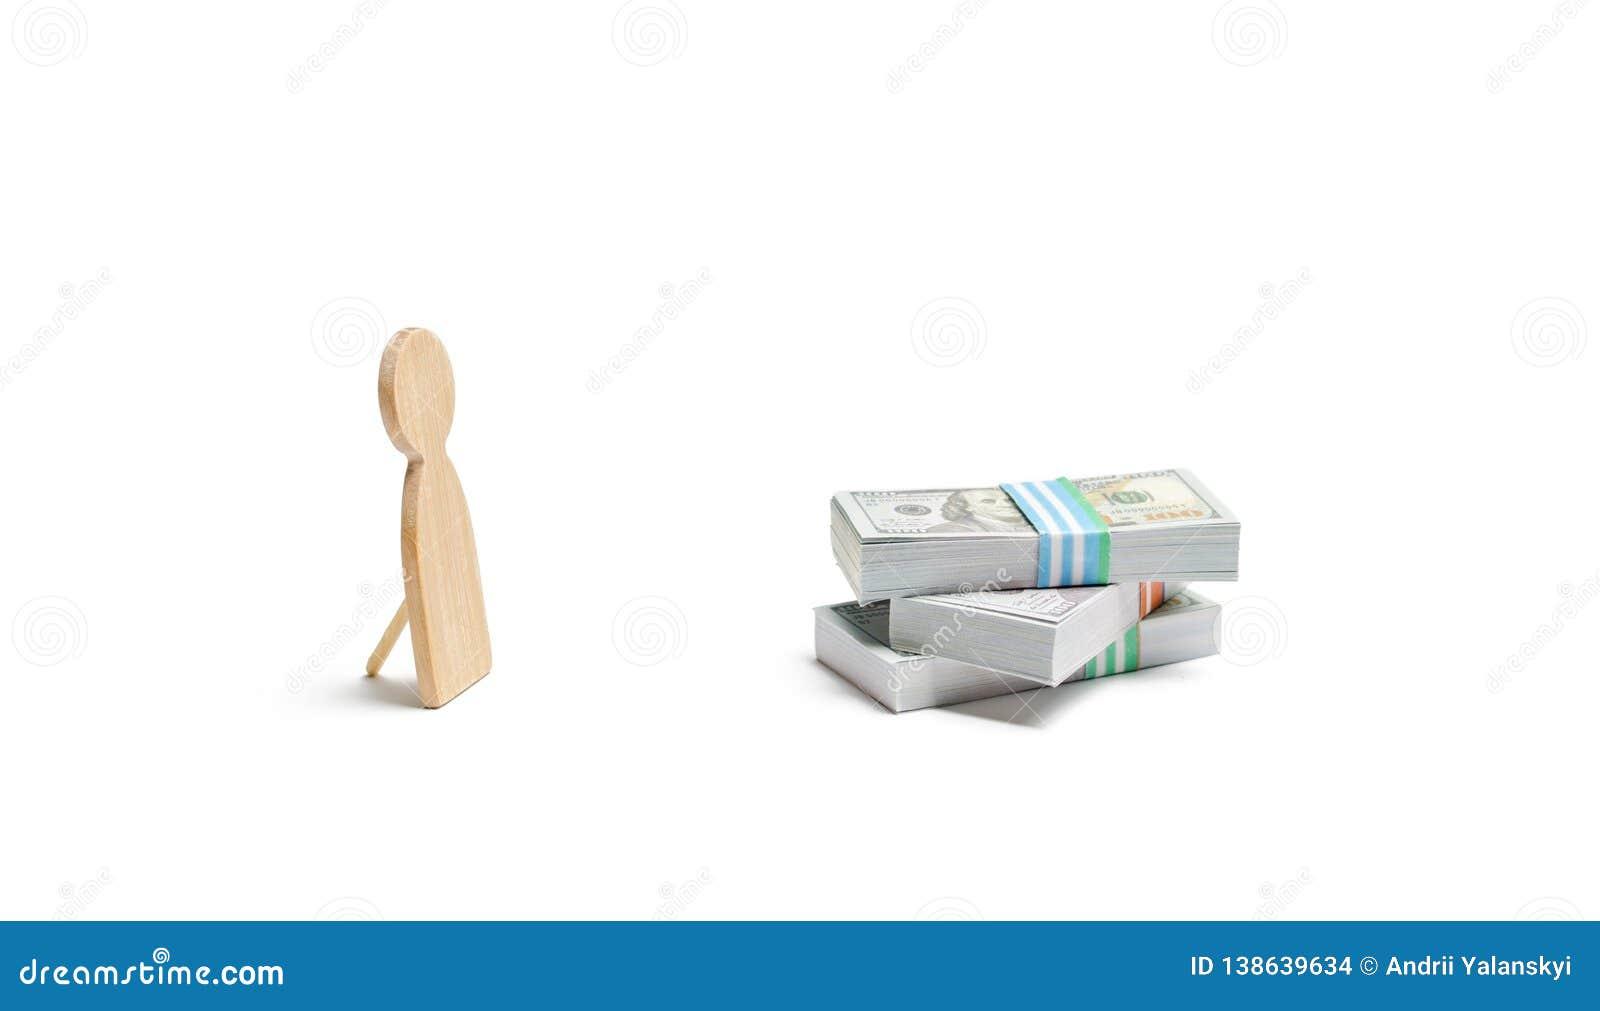 Estatueta humana falsificada e uma pilha de dinheiro Shader, início de uma sessão desautorizado e retiradas O ladrão rouba fundos